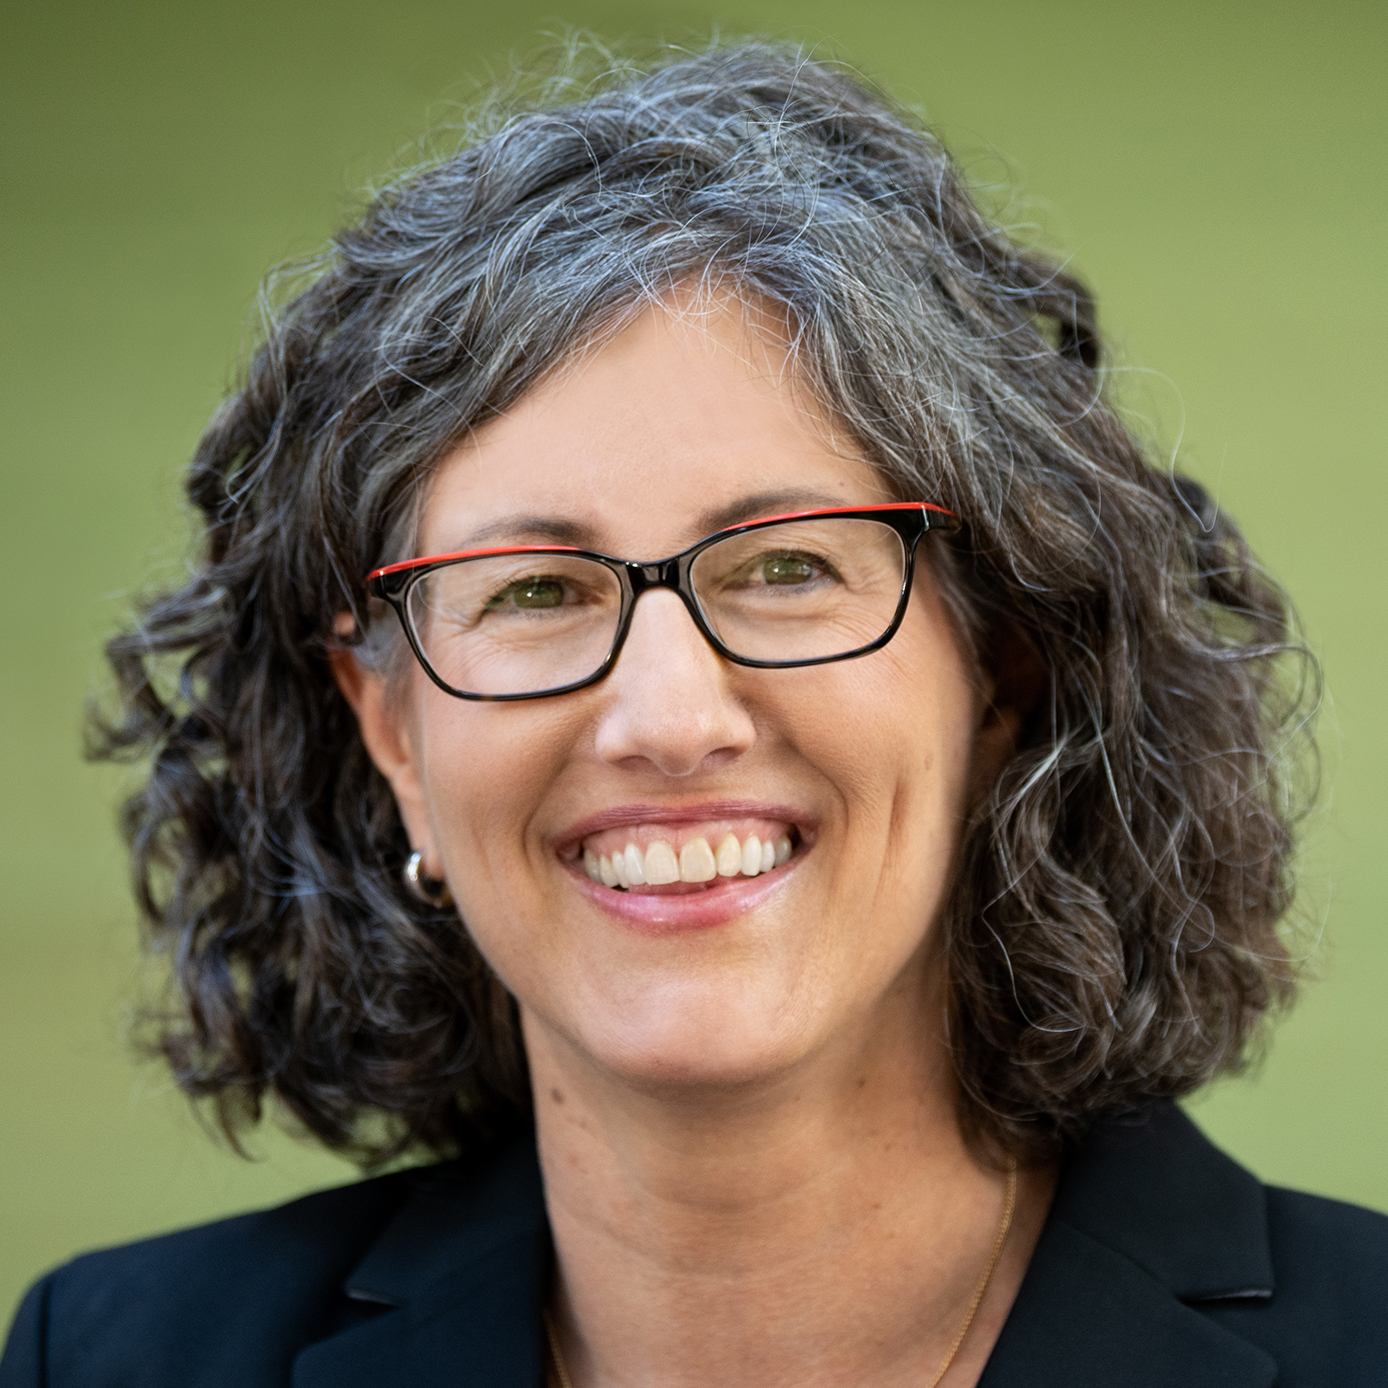 Rachel Putterman